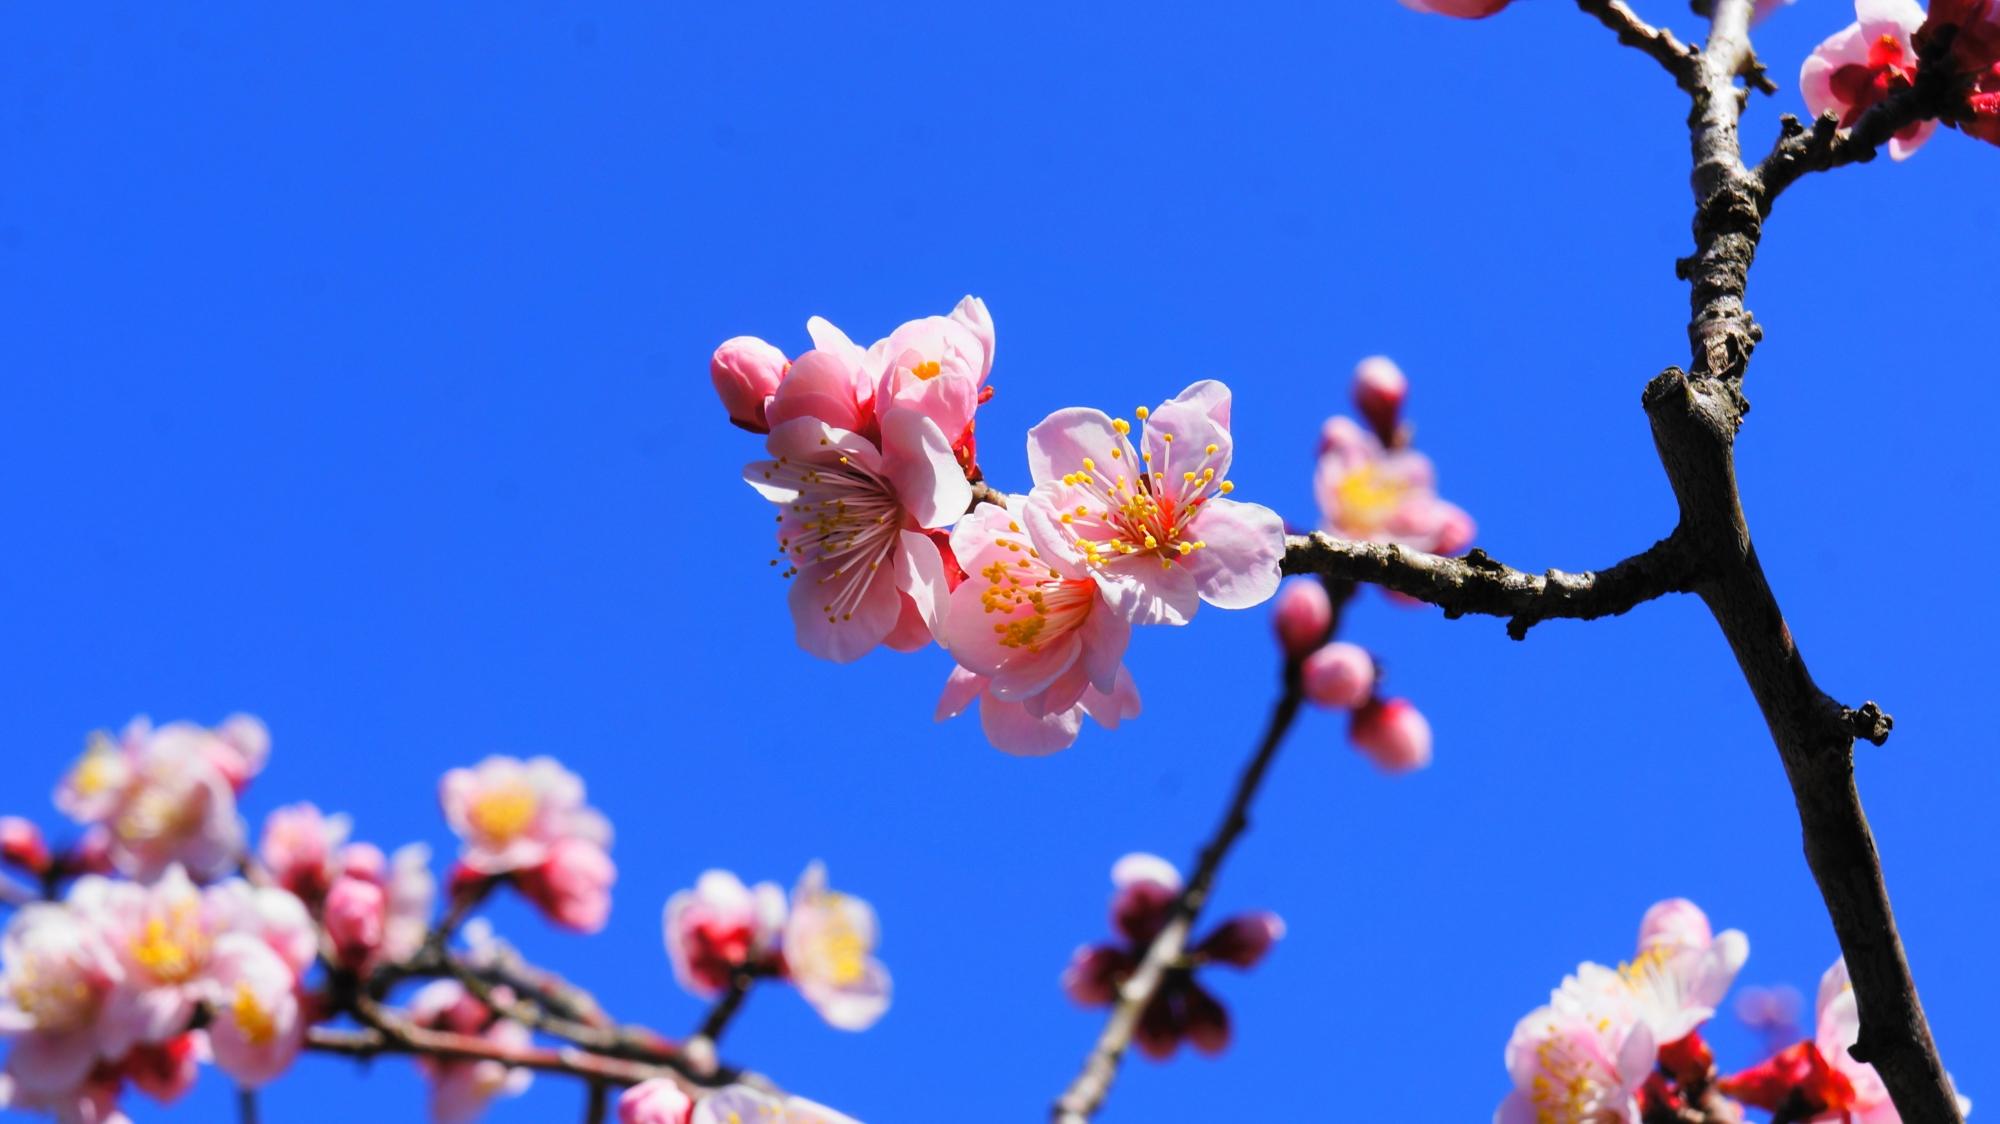 雲一つない青空に良く映える華やかなピンク